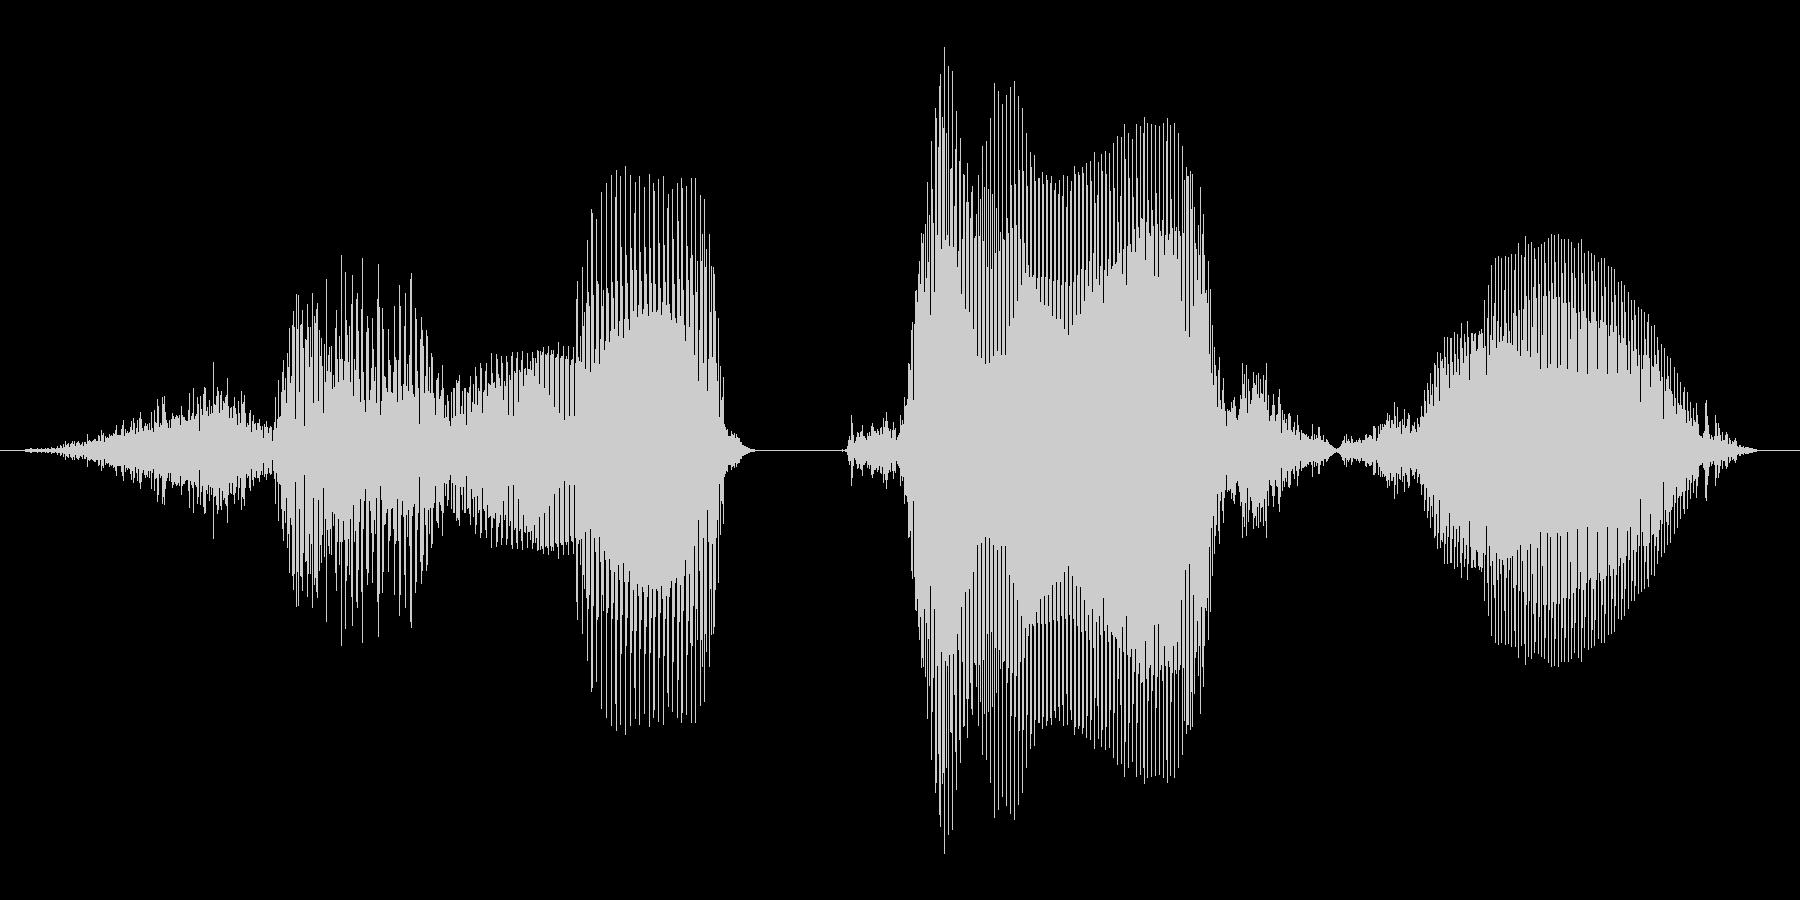 その調子!1【ロリキャラの褒めボイス】の未再生の波形